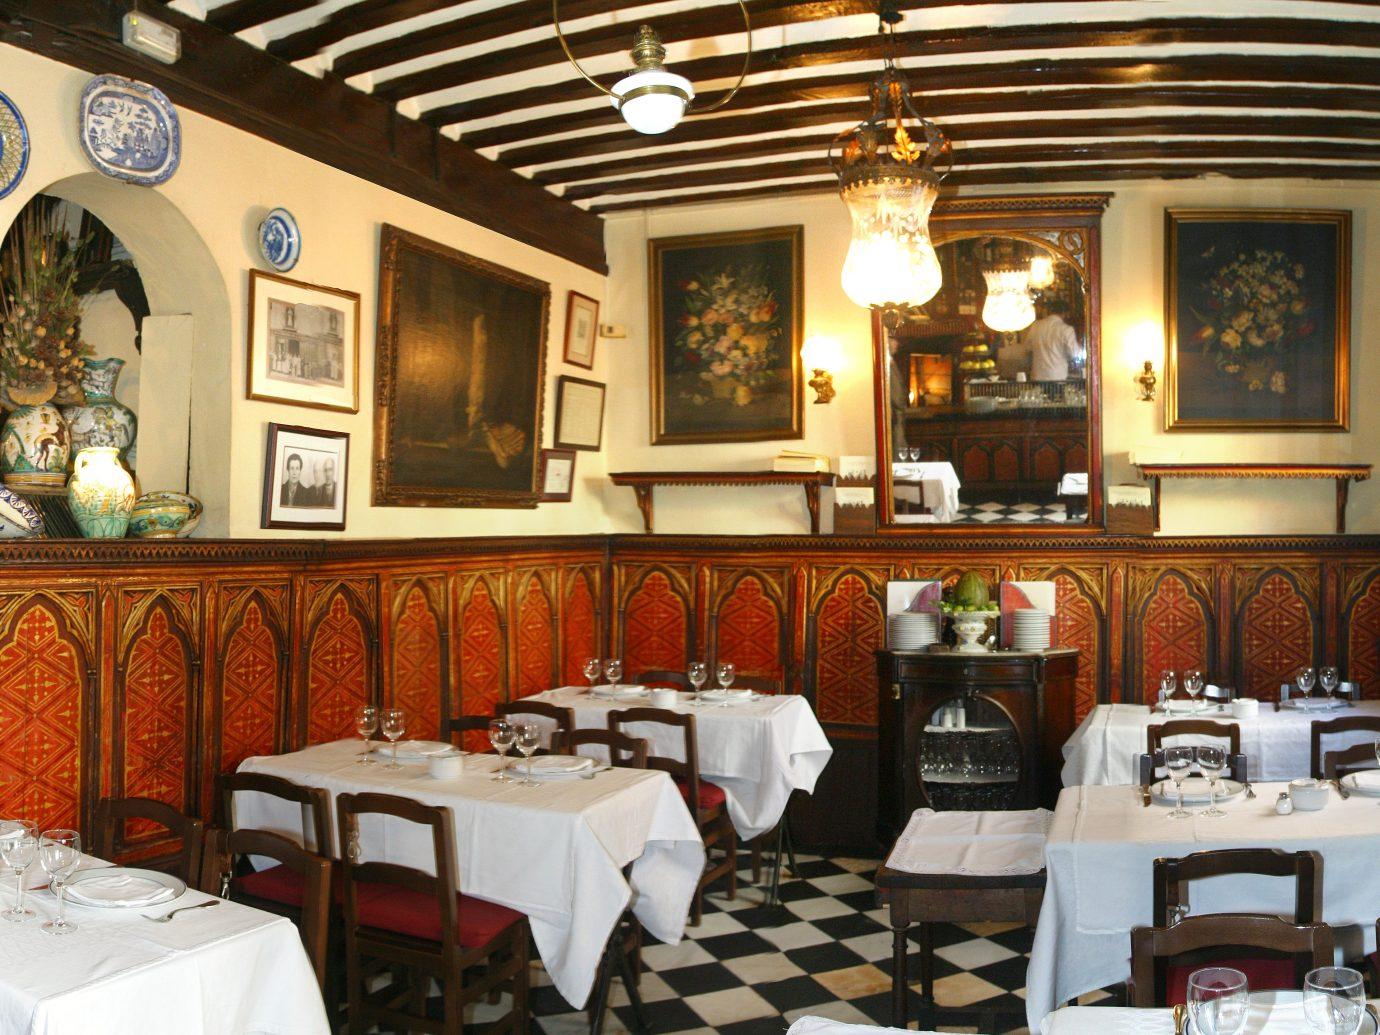 dining room at Botin restaurant